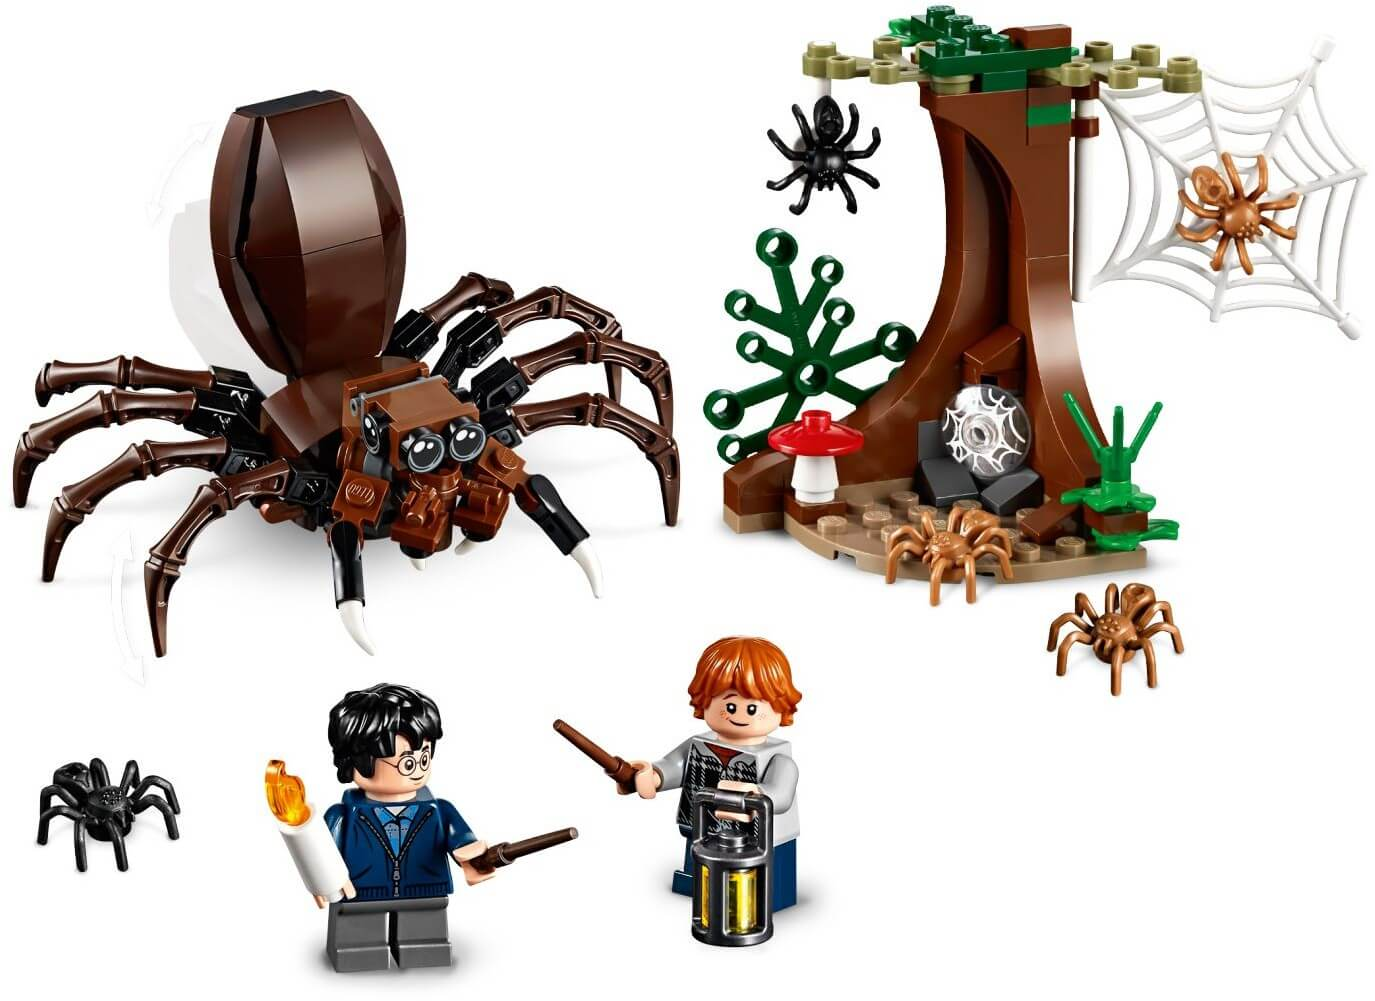 Mua đồ chơi LEGO 75950 - LEGO Harry Potter 75950 - Harry và Ron xông vào hang ổ Aragog (LEGO Harry Potter 75950 Aragog's Lair)